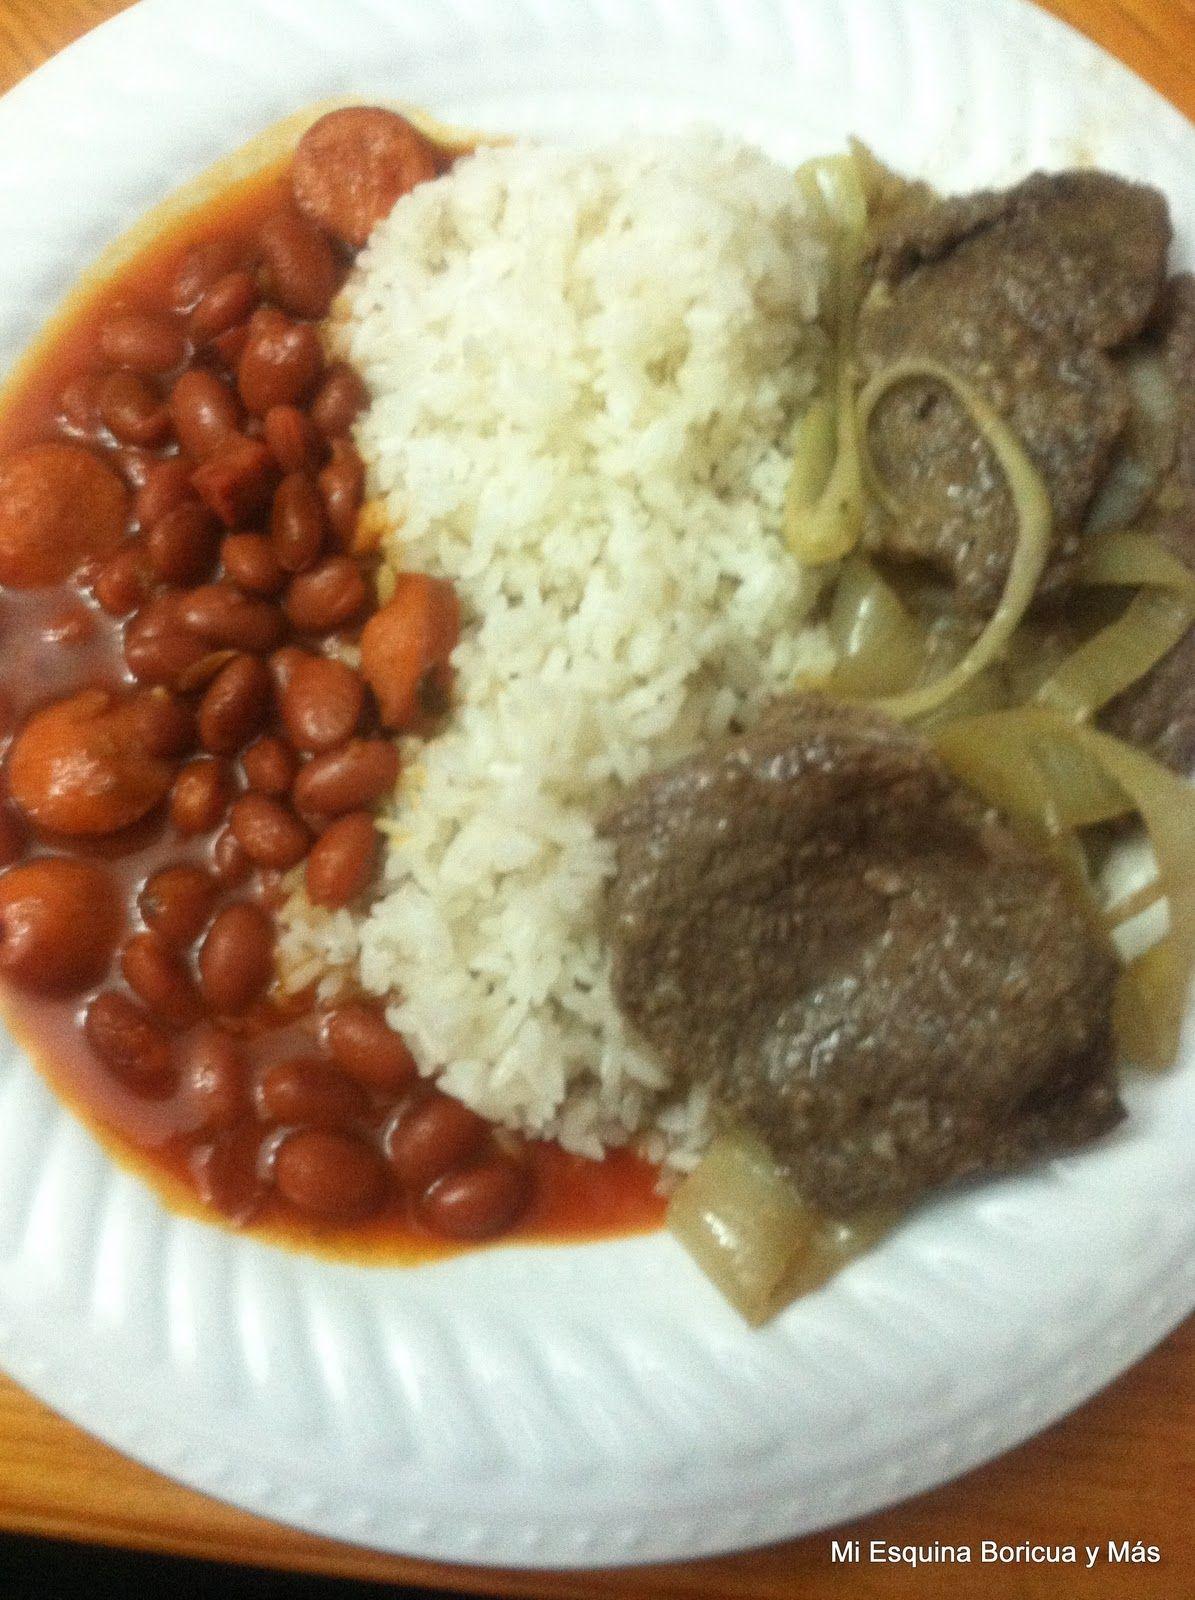 Mi esquina boricua y m s arroz blanco grano corto - Arroz blanco con bacalao ...